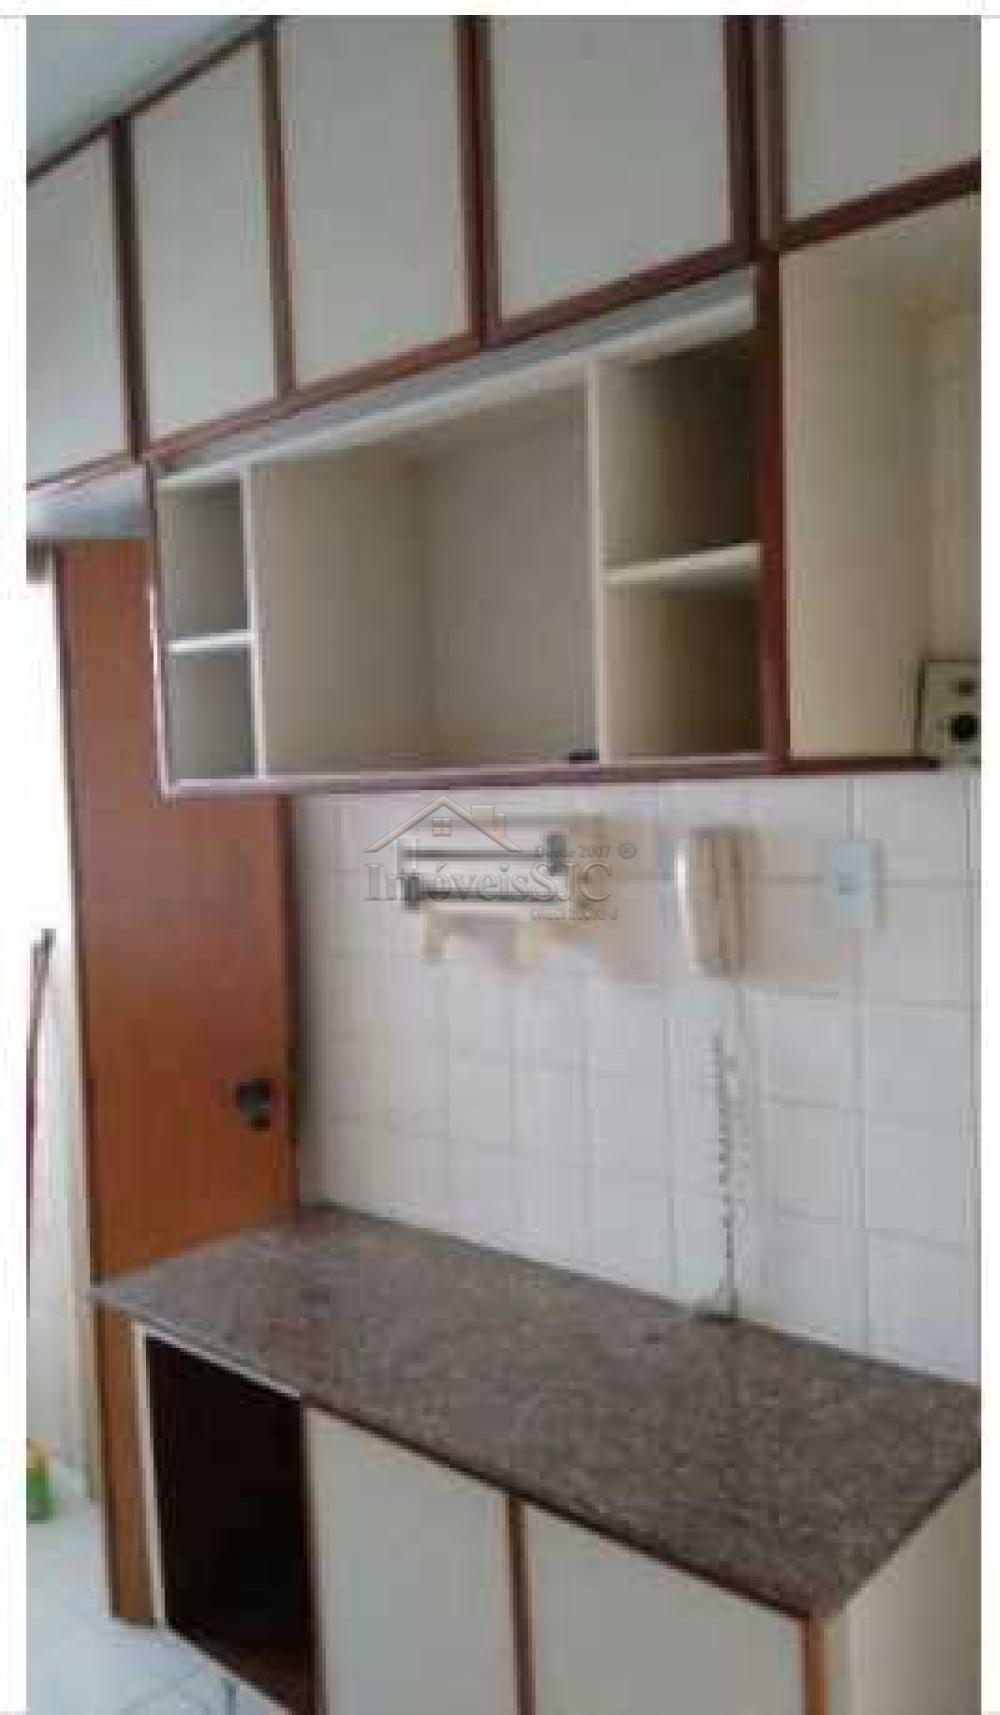 Comprar Apartamentos / Padrão em São José dos Campos apenas R$ 255.000,00 - Foto 5